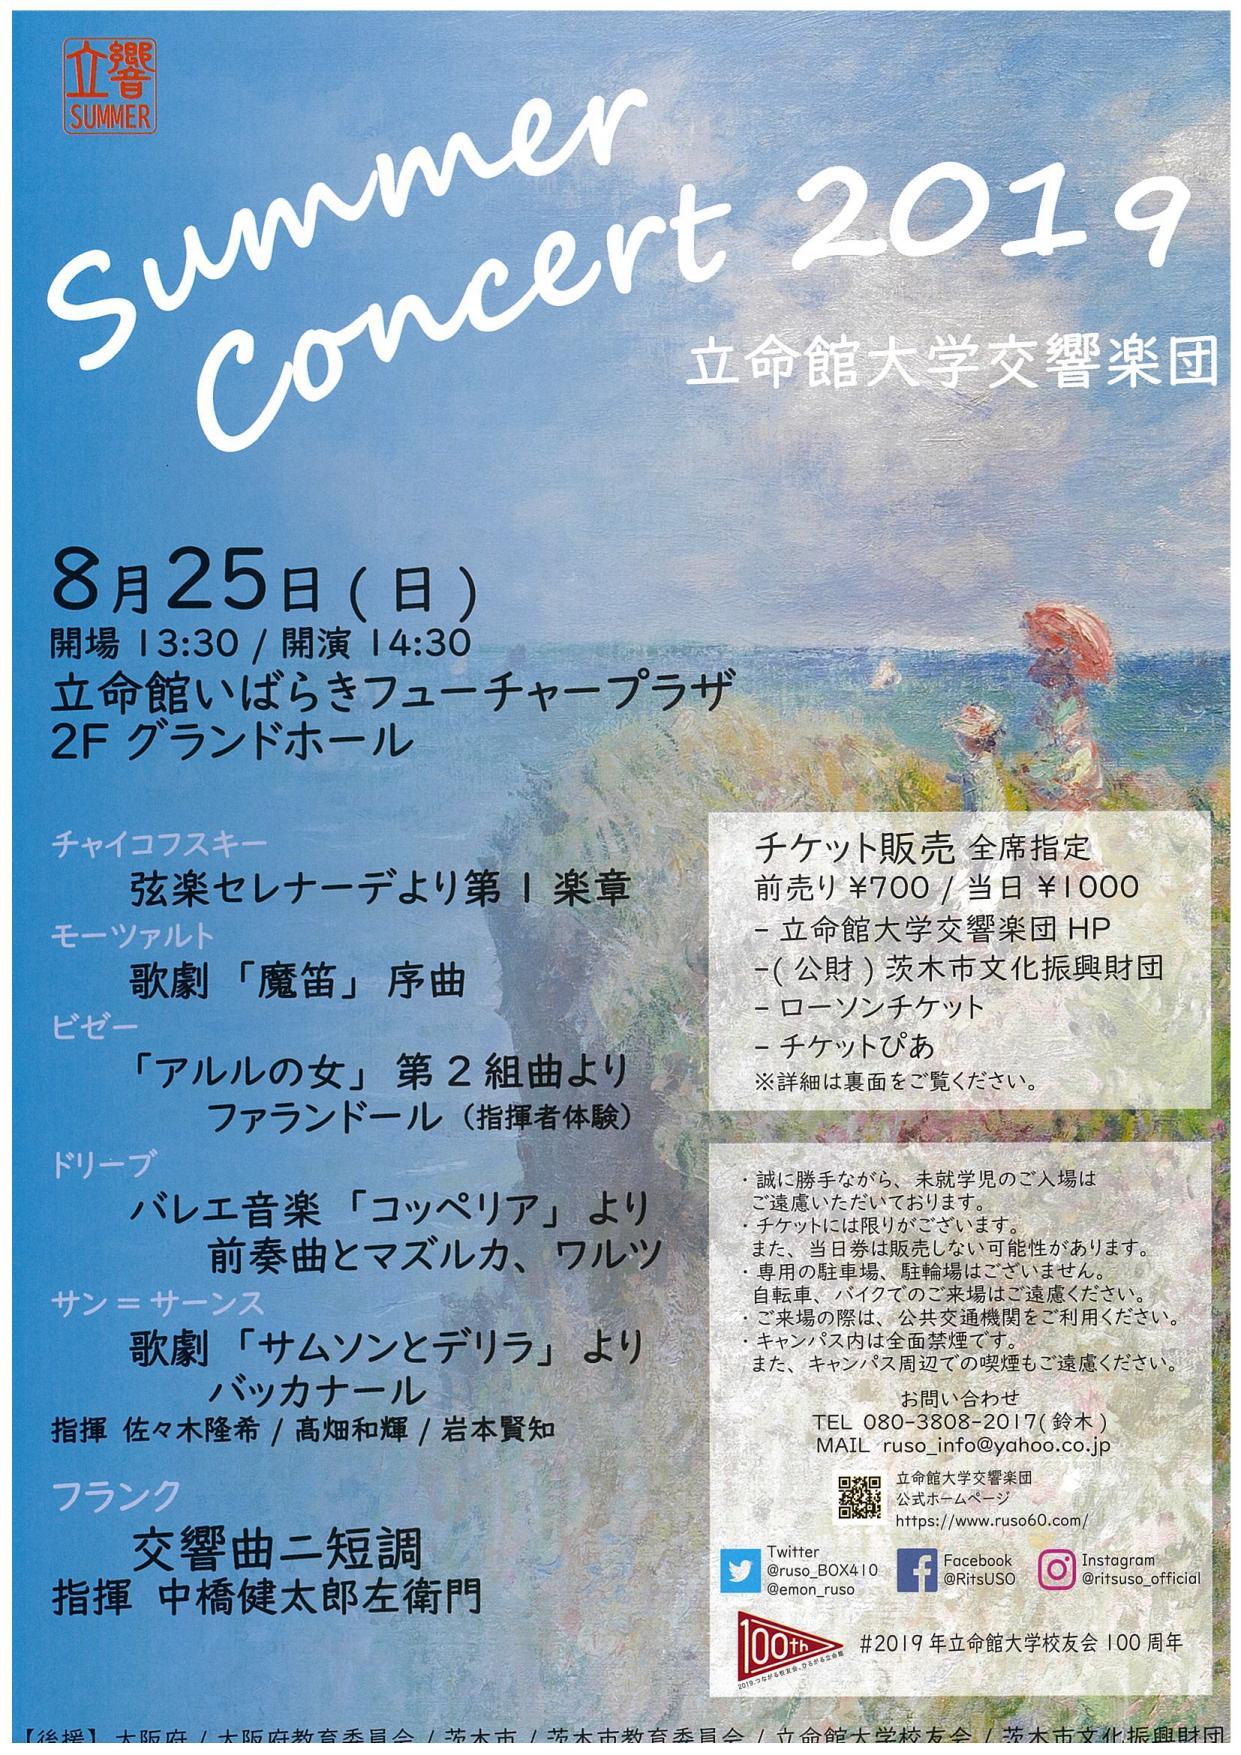 立命館大学交響楽団 サマーコンサート2019